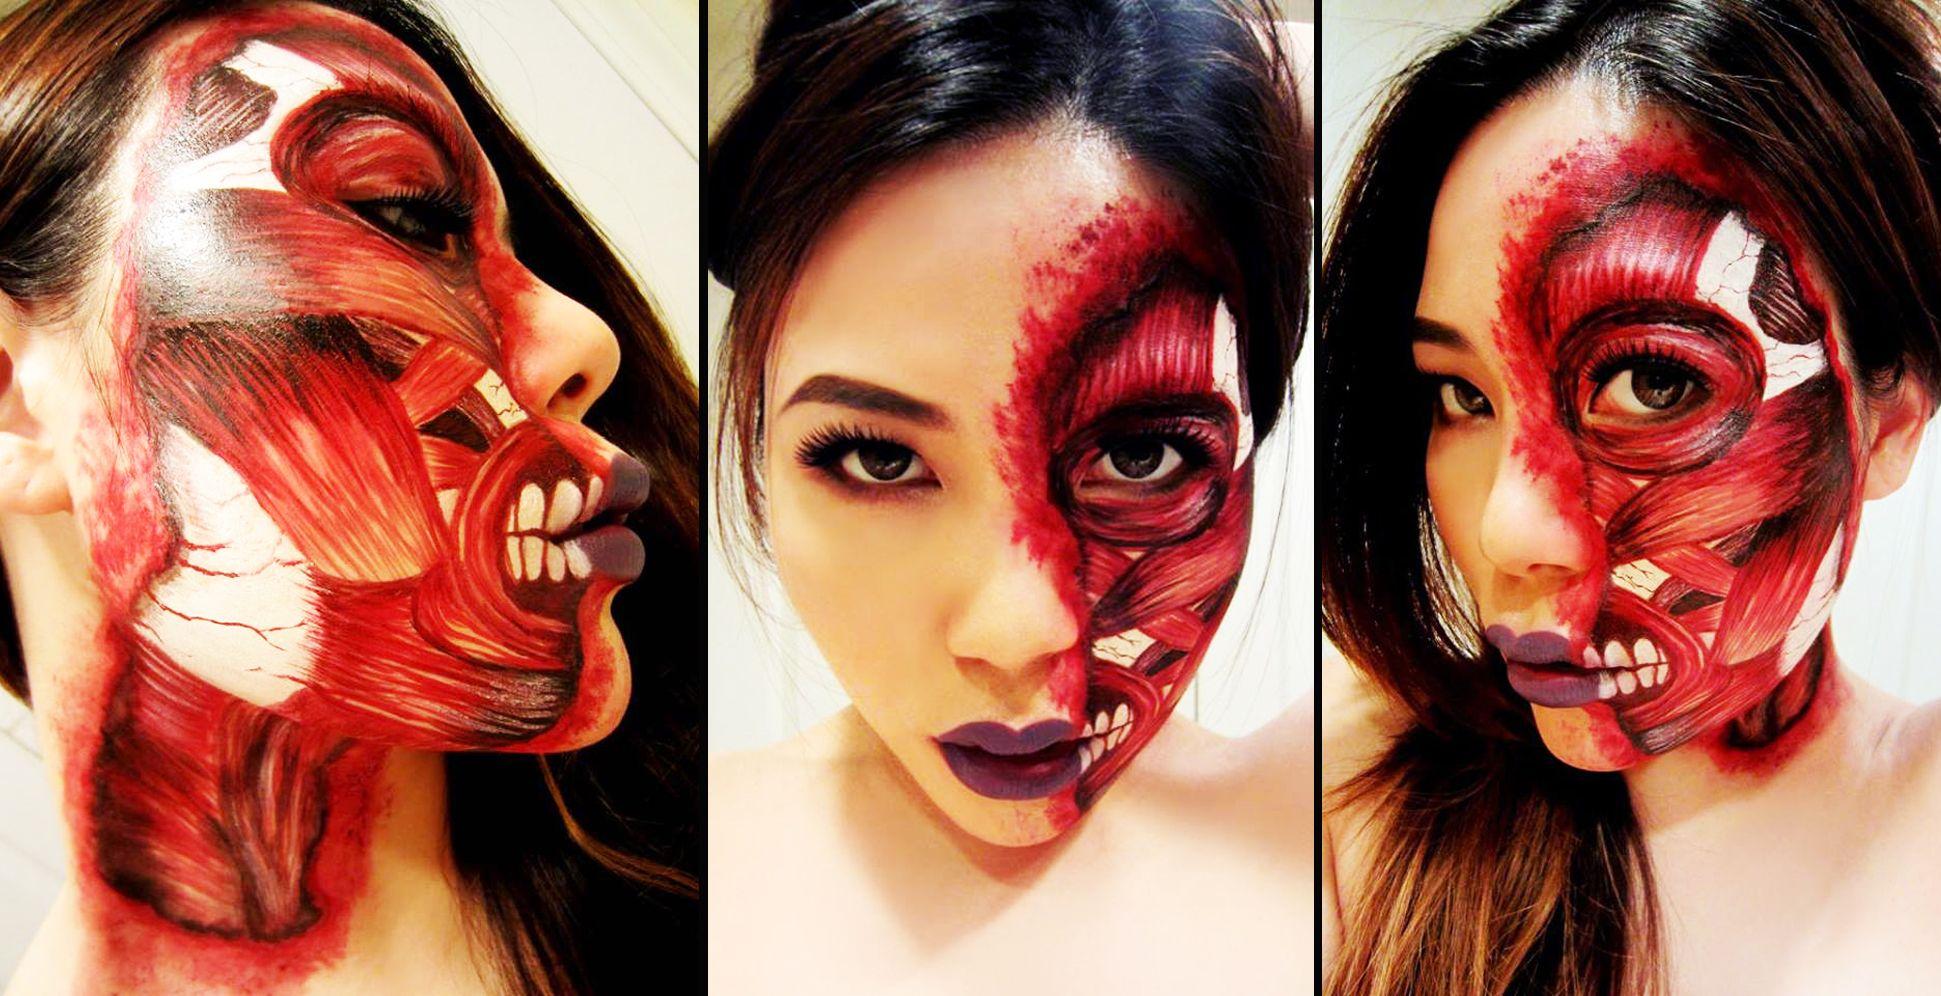 Makeup School Global Makeup Aristry Makeup, School